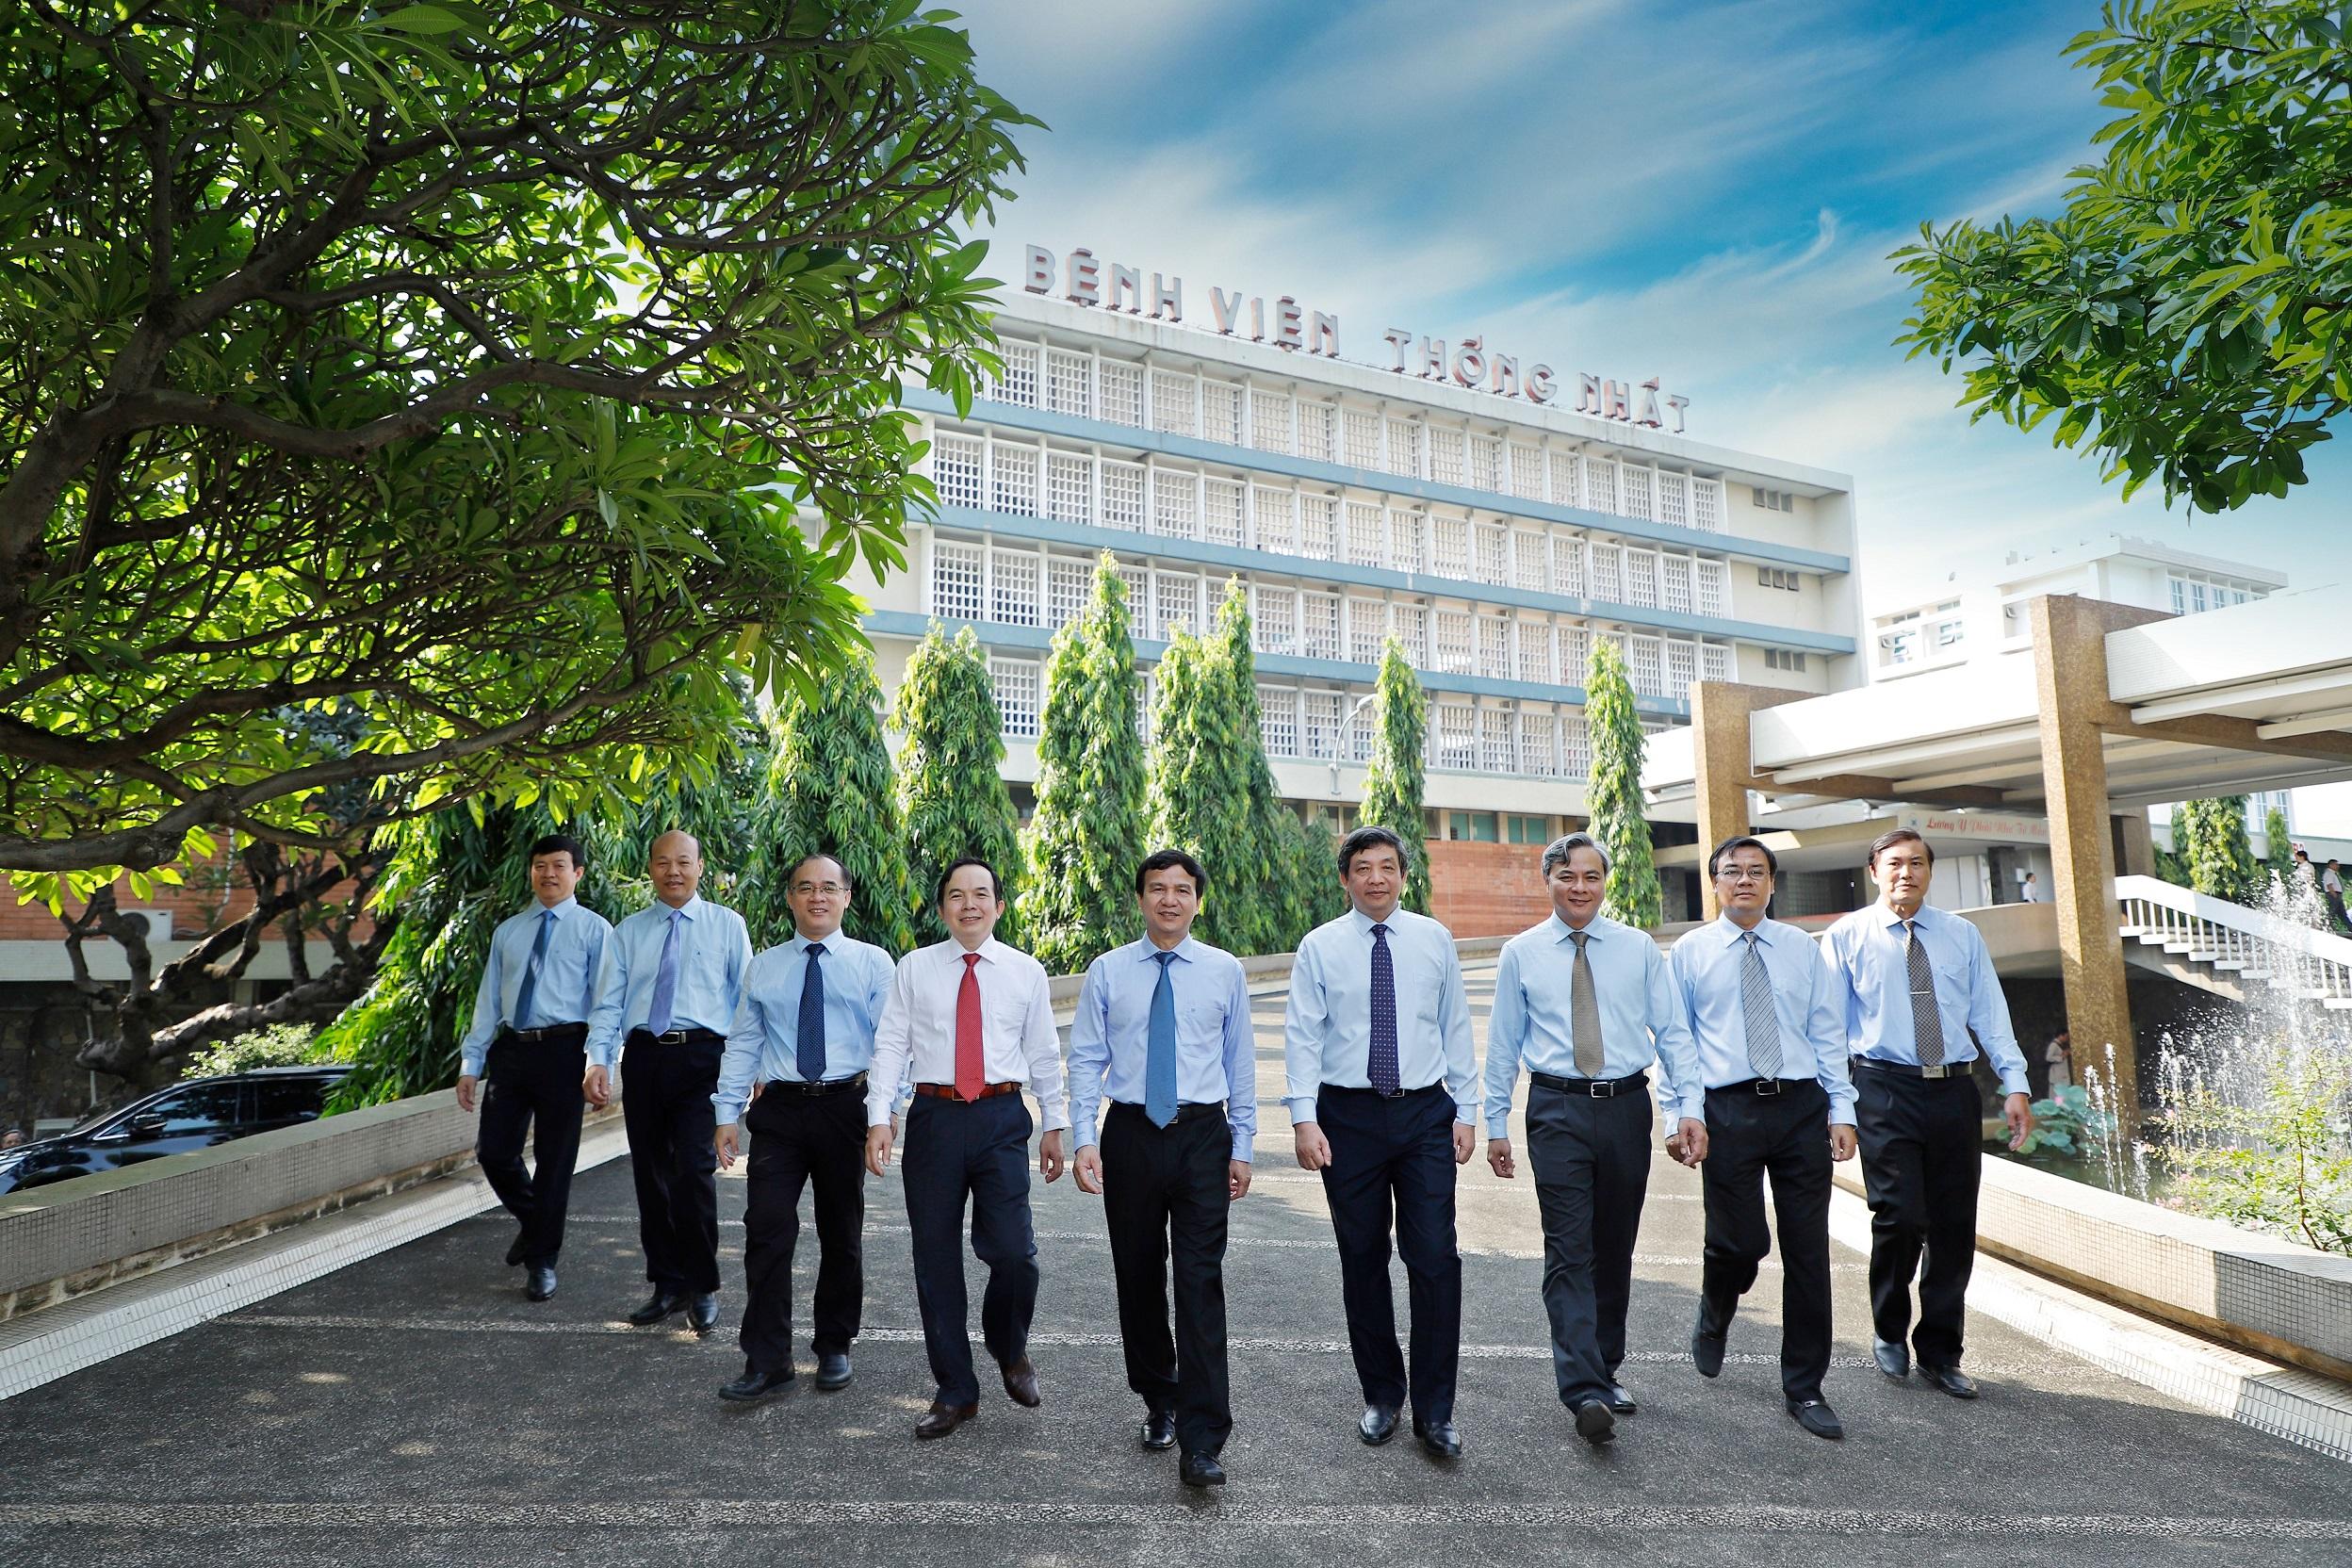 """Những """"cánh chim đầu đàn"""" đưa Bệnh viện Thống Nhất khẳng định vị thế trong ngành Y tế Việt Nam"""